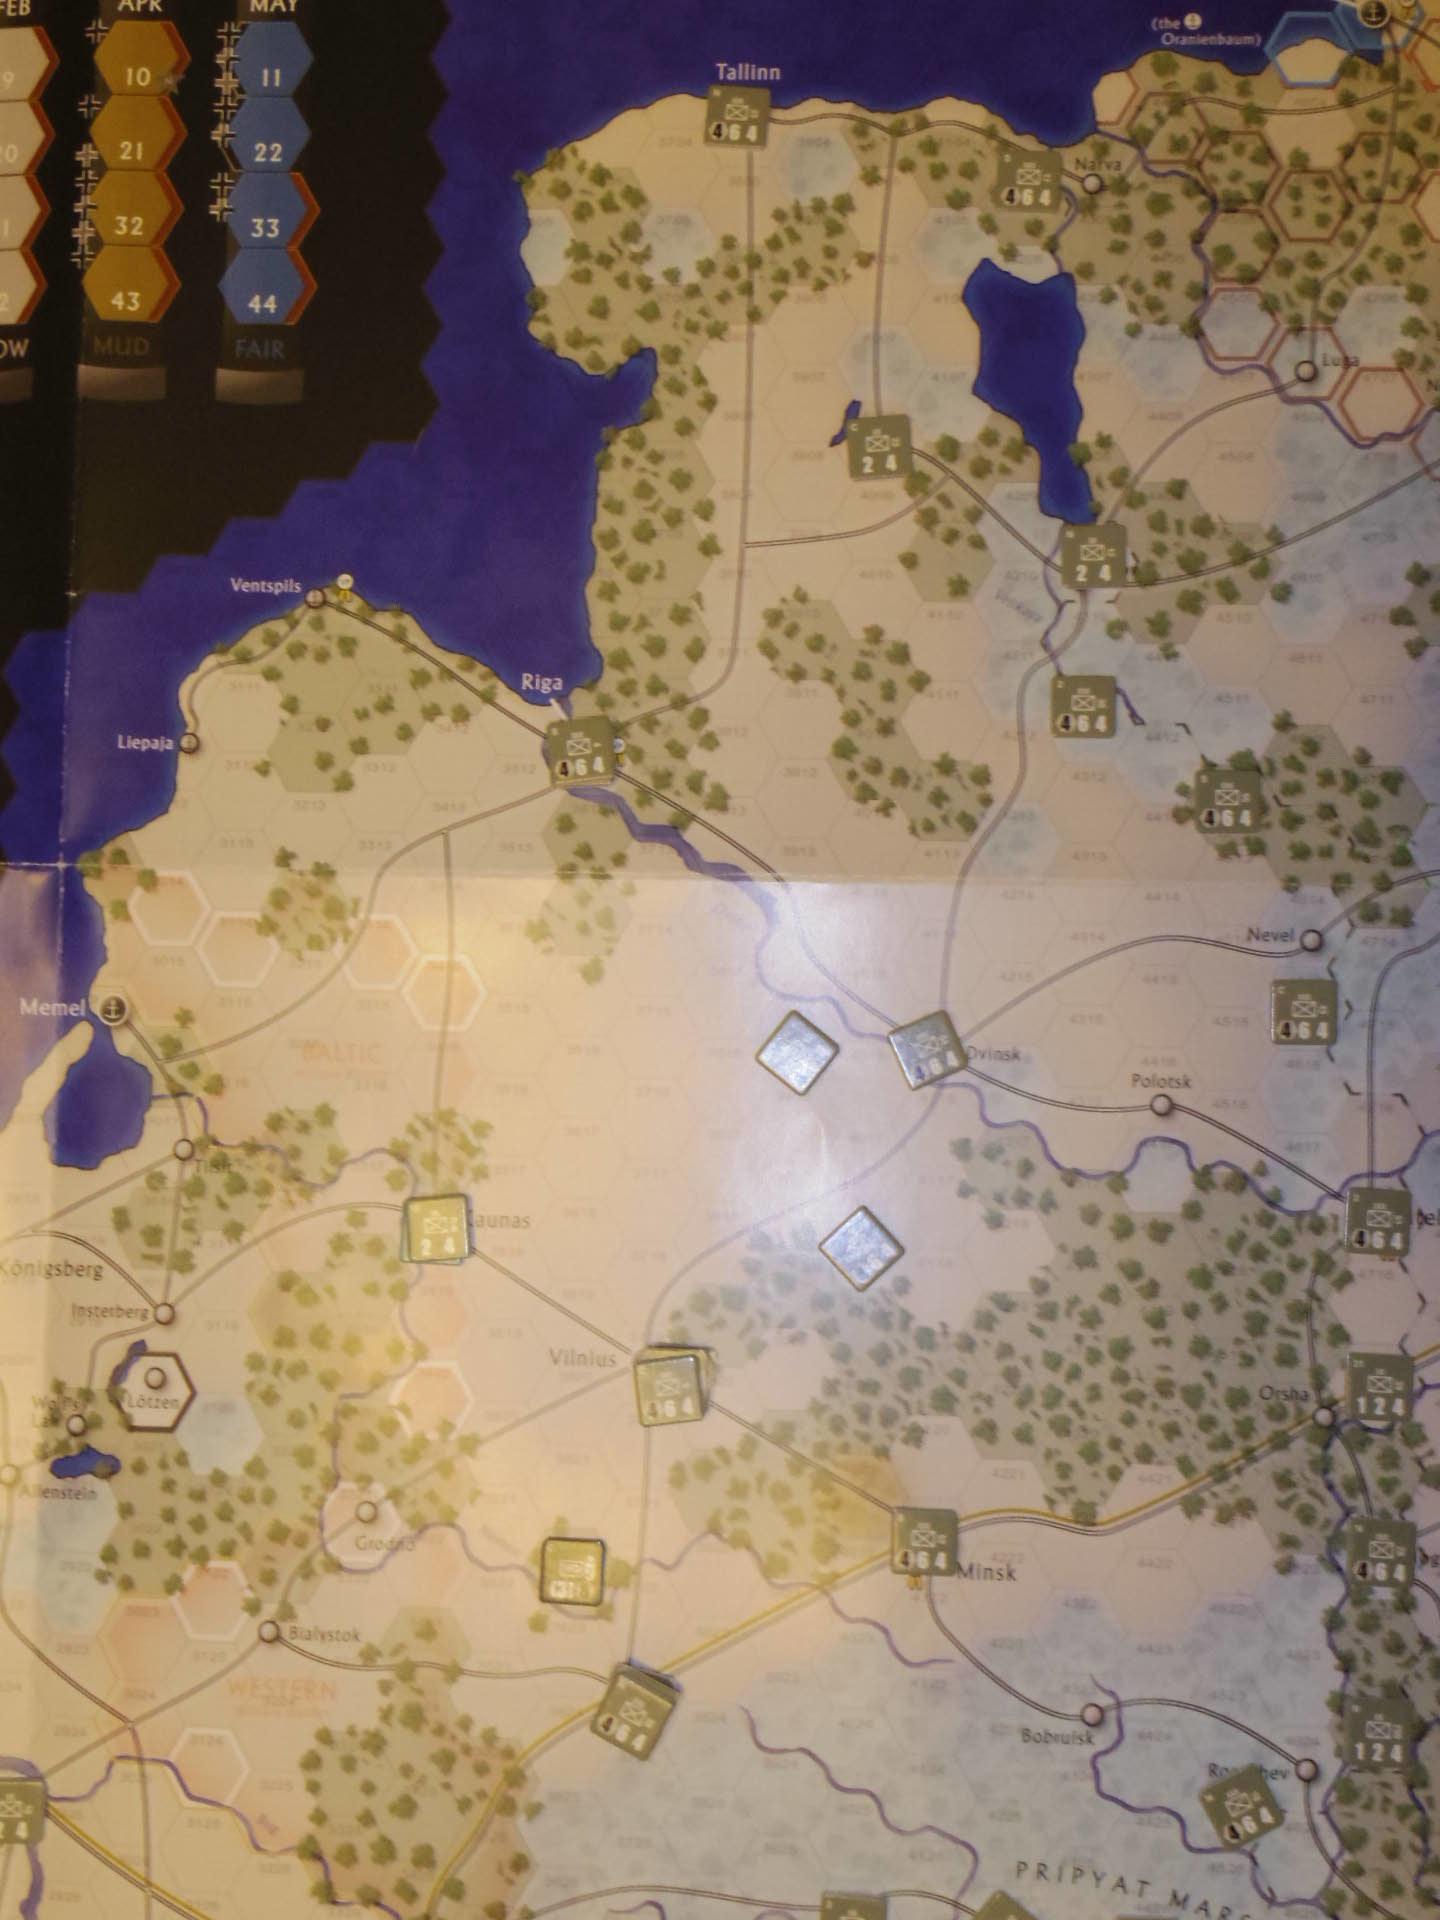 2年振りの再戦に備えて着々と準備は進む...(GMT)The Dark Valley  ダーク・ヴァレー 「バグラチオン:1944シナリオ」_b0173672_20582006.jpg